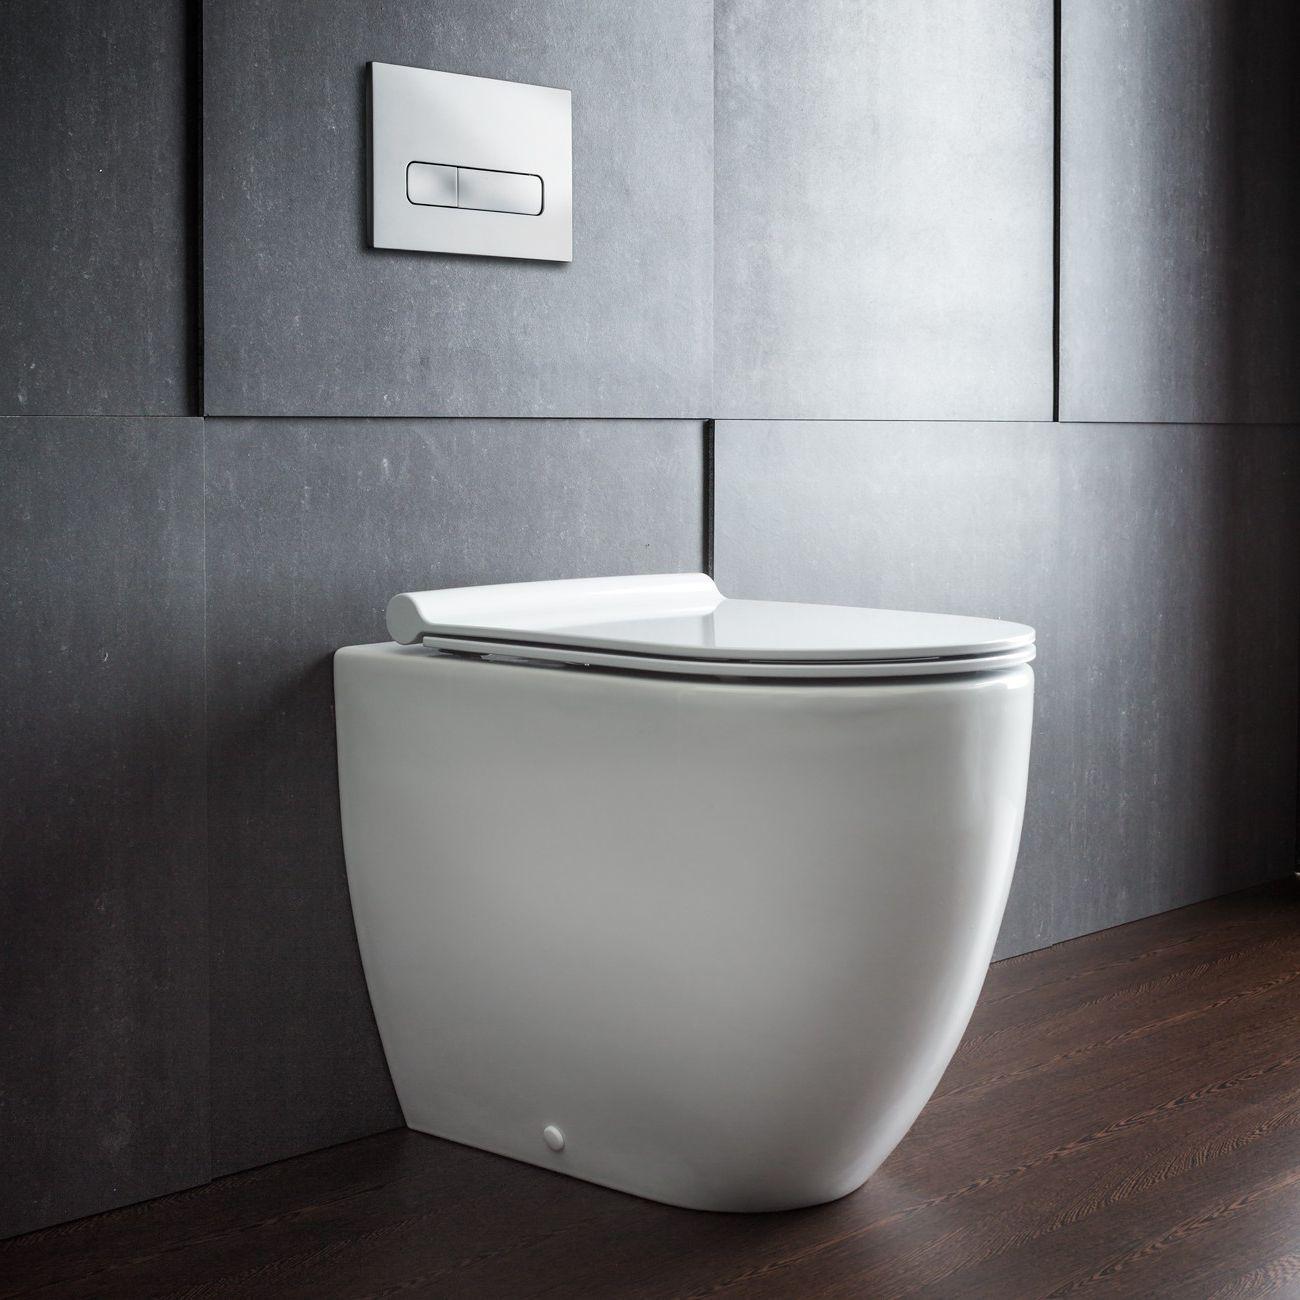 Bathroom Sleek Bathroom Design With Wall Mounted Toilet Wall